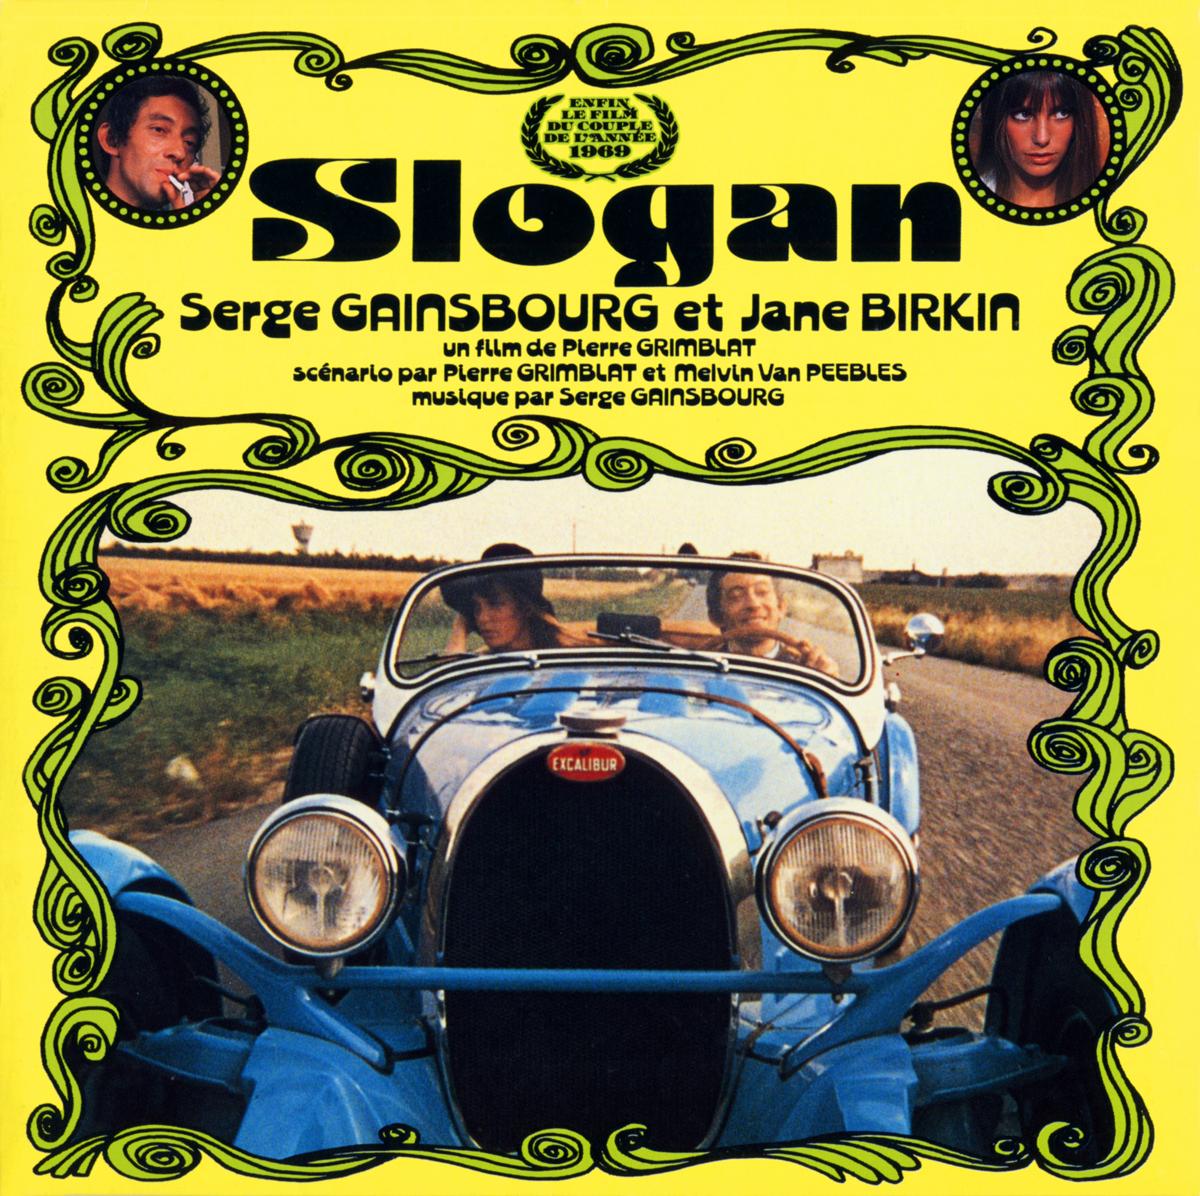 """Serge Gainsbourg et Jane Birkin """"Slogan"""""""